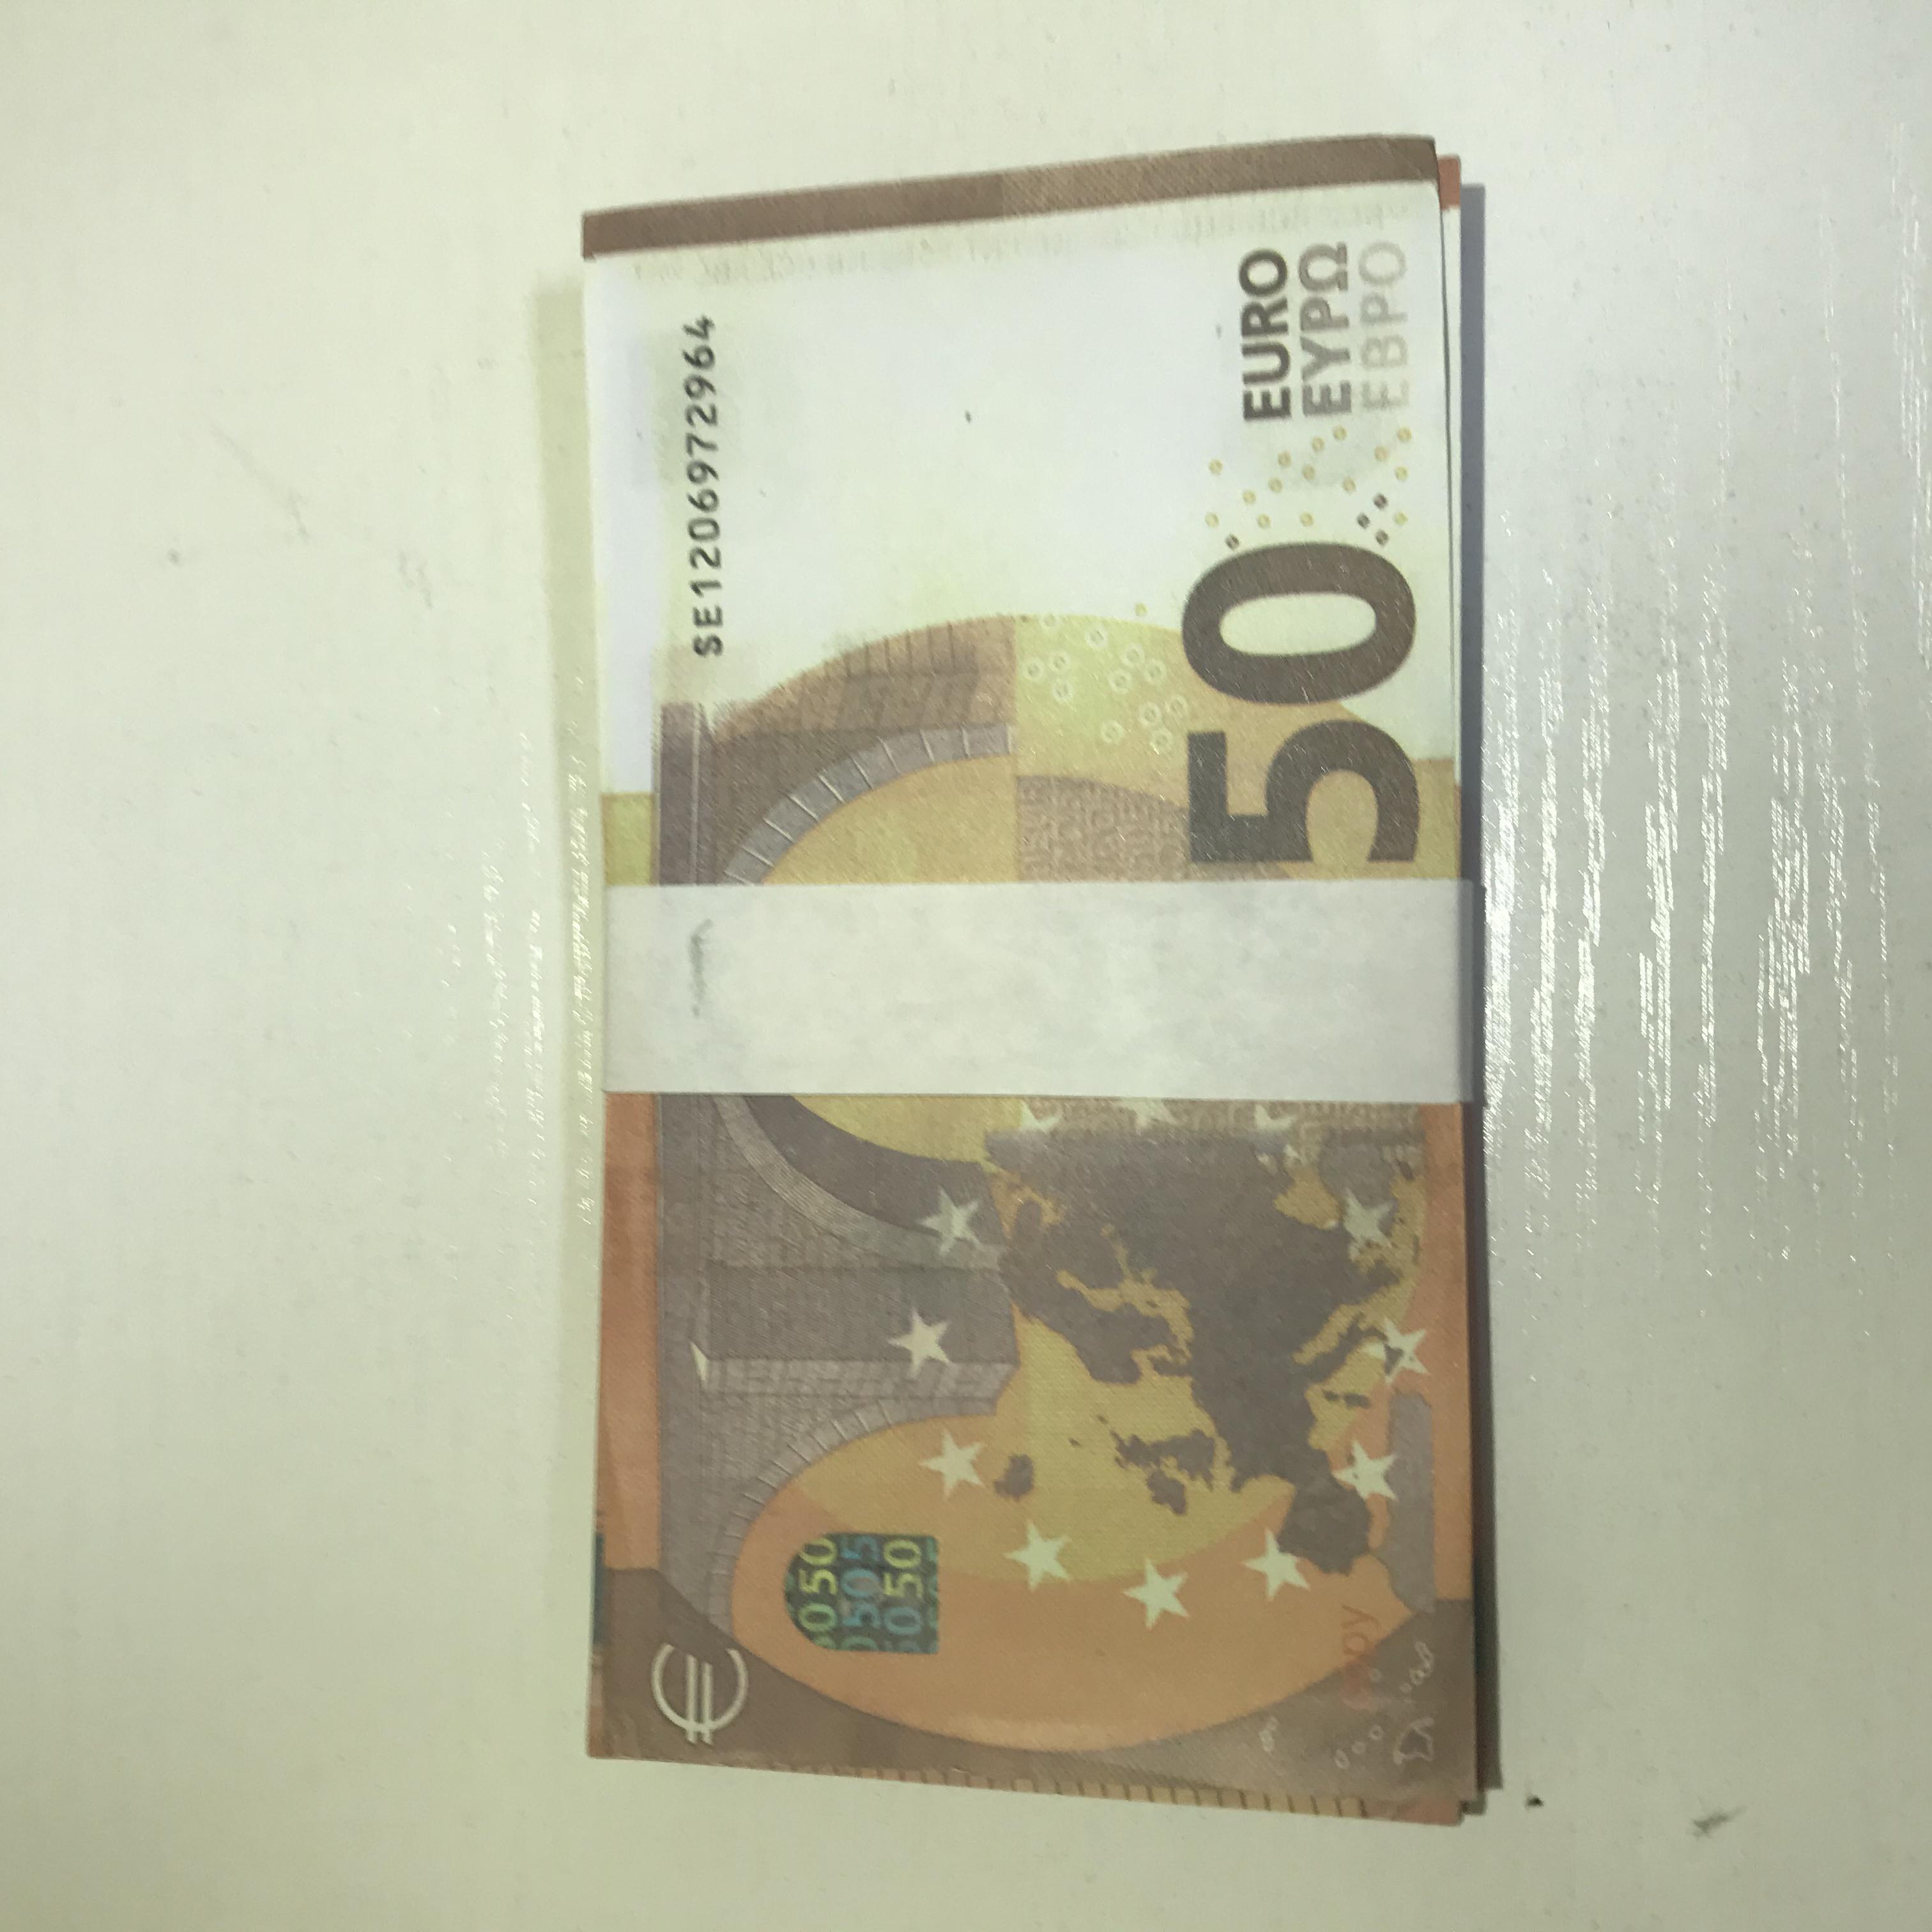 Atmósfera Bar Copia Euro 50 Billete de billetes Paramación falsificada PROPORTE LE50-42 Etapa de juguete Falsifit MV PROP HOT TGNCS GSGLD